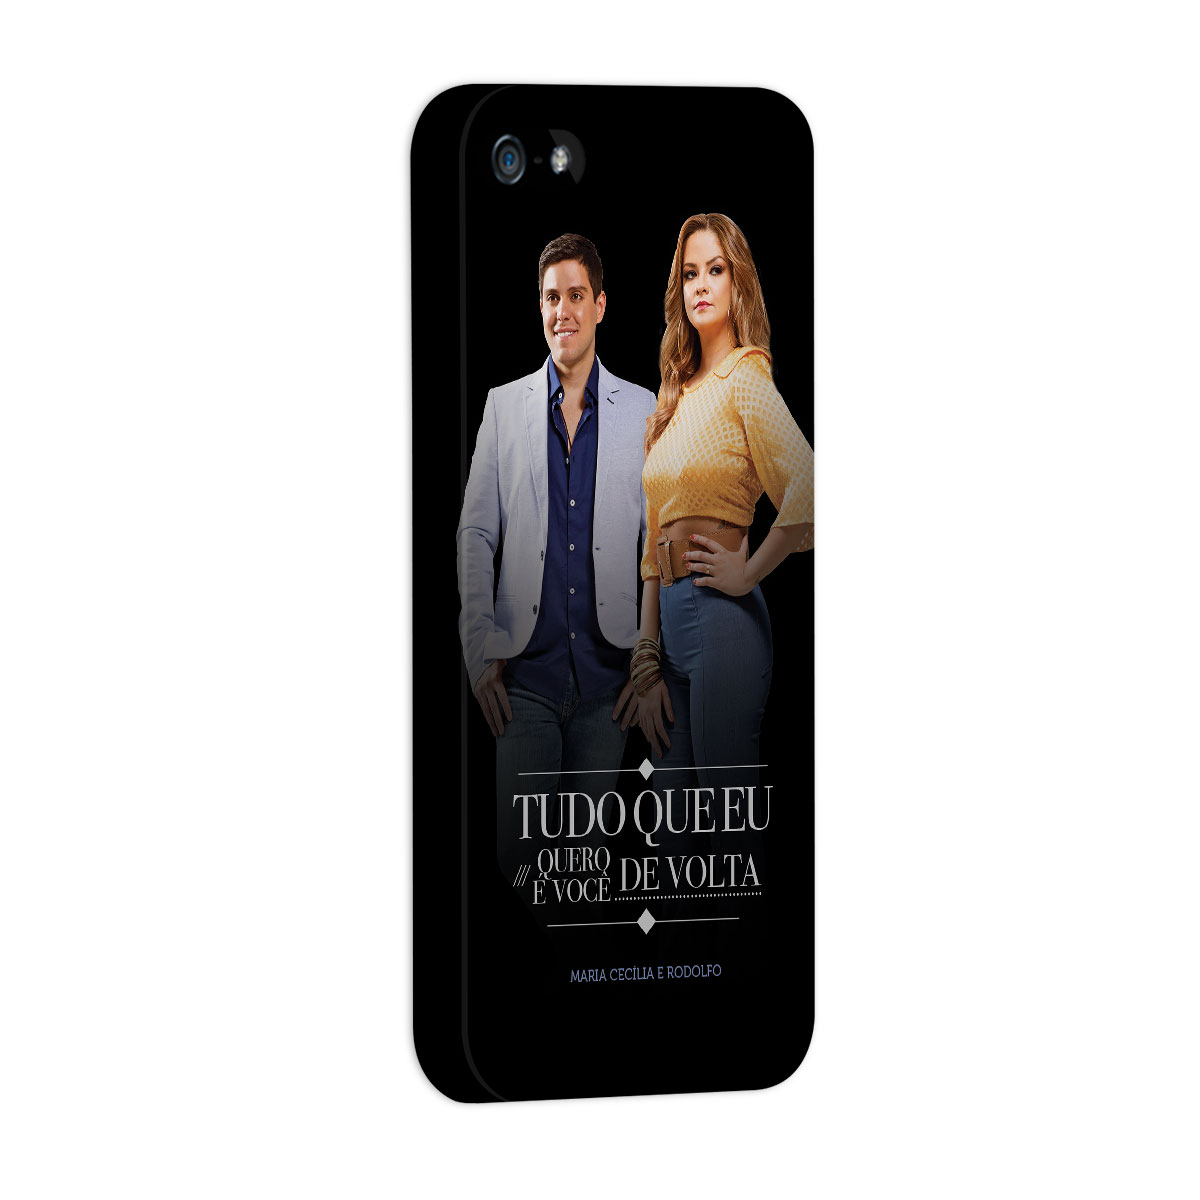 Capa para iPhone 5/5S Maria Cecília & Rodolfo Tudo Que Eu Quero